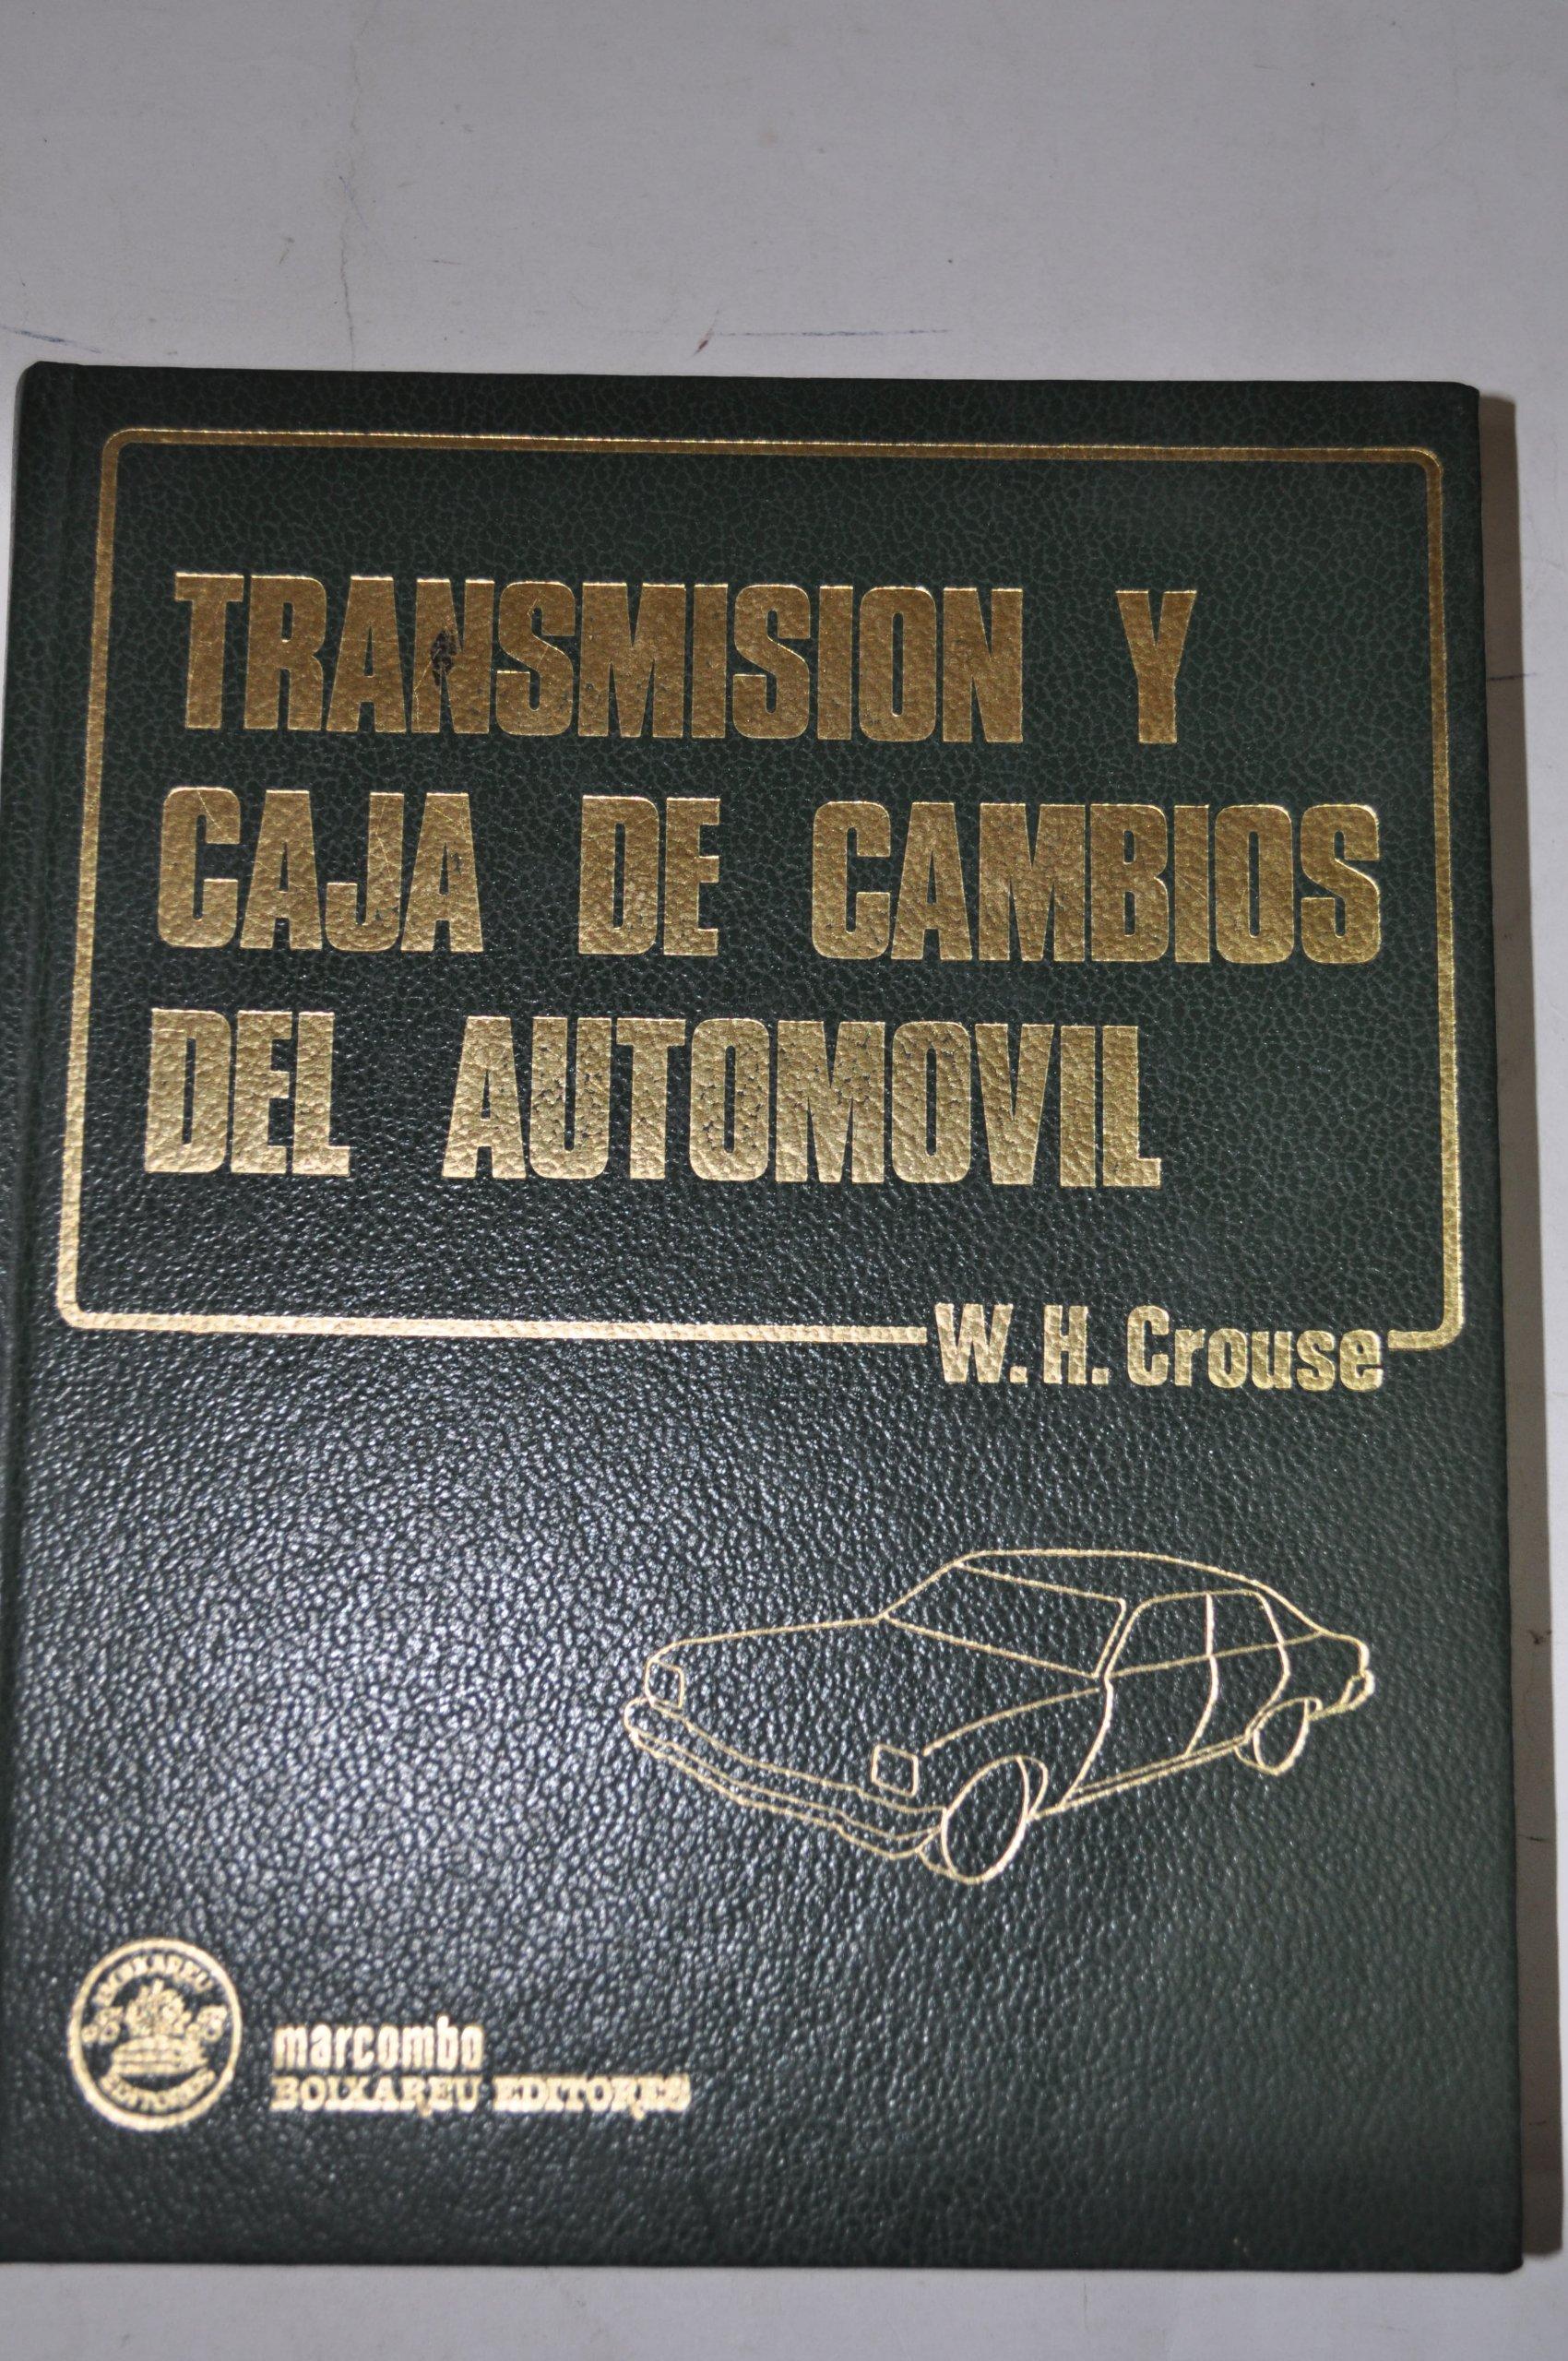 Transmisión y caja de cambios del automóvil (Spanish) Paperback – June 1, 1978